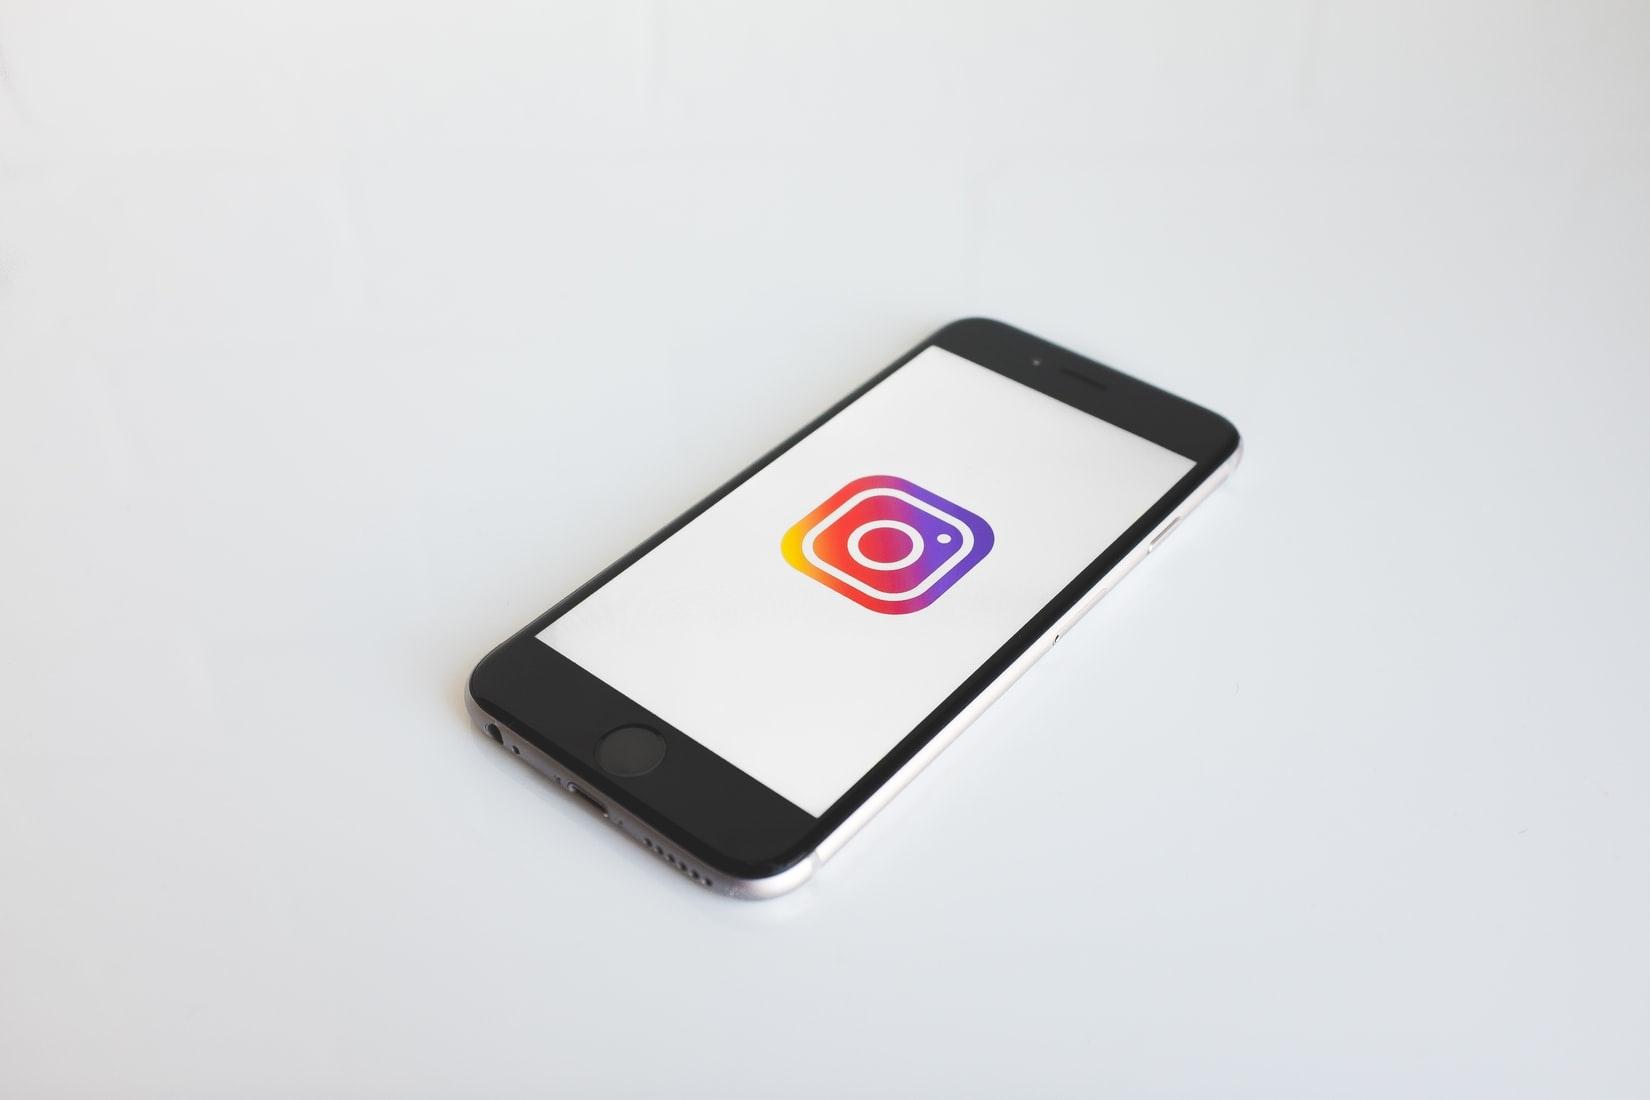 Instagramで人気なブランドが知りたい〜!